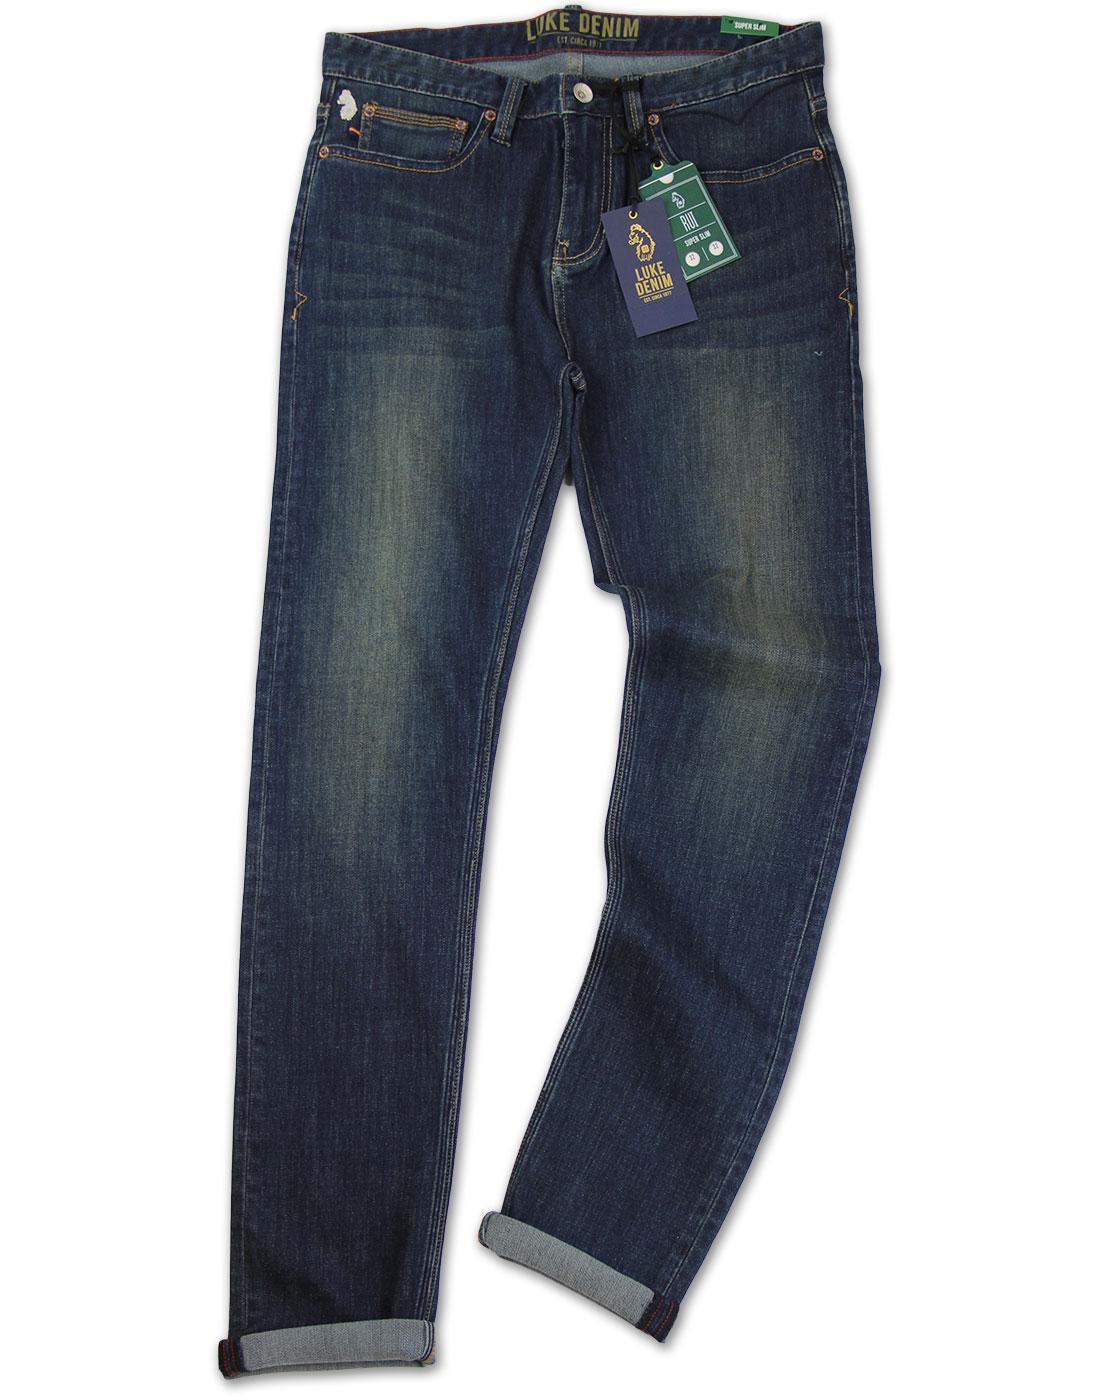 Rui LUKE DENIM Vintage Deep N Dirty Skinny Jeans